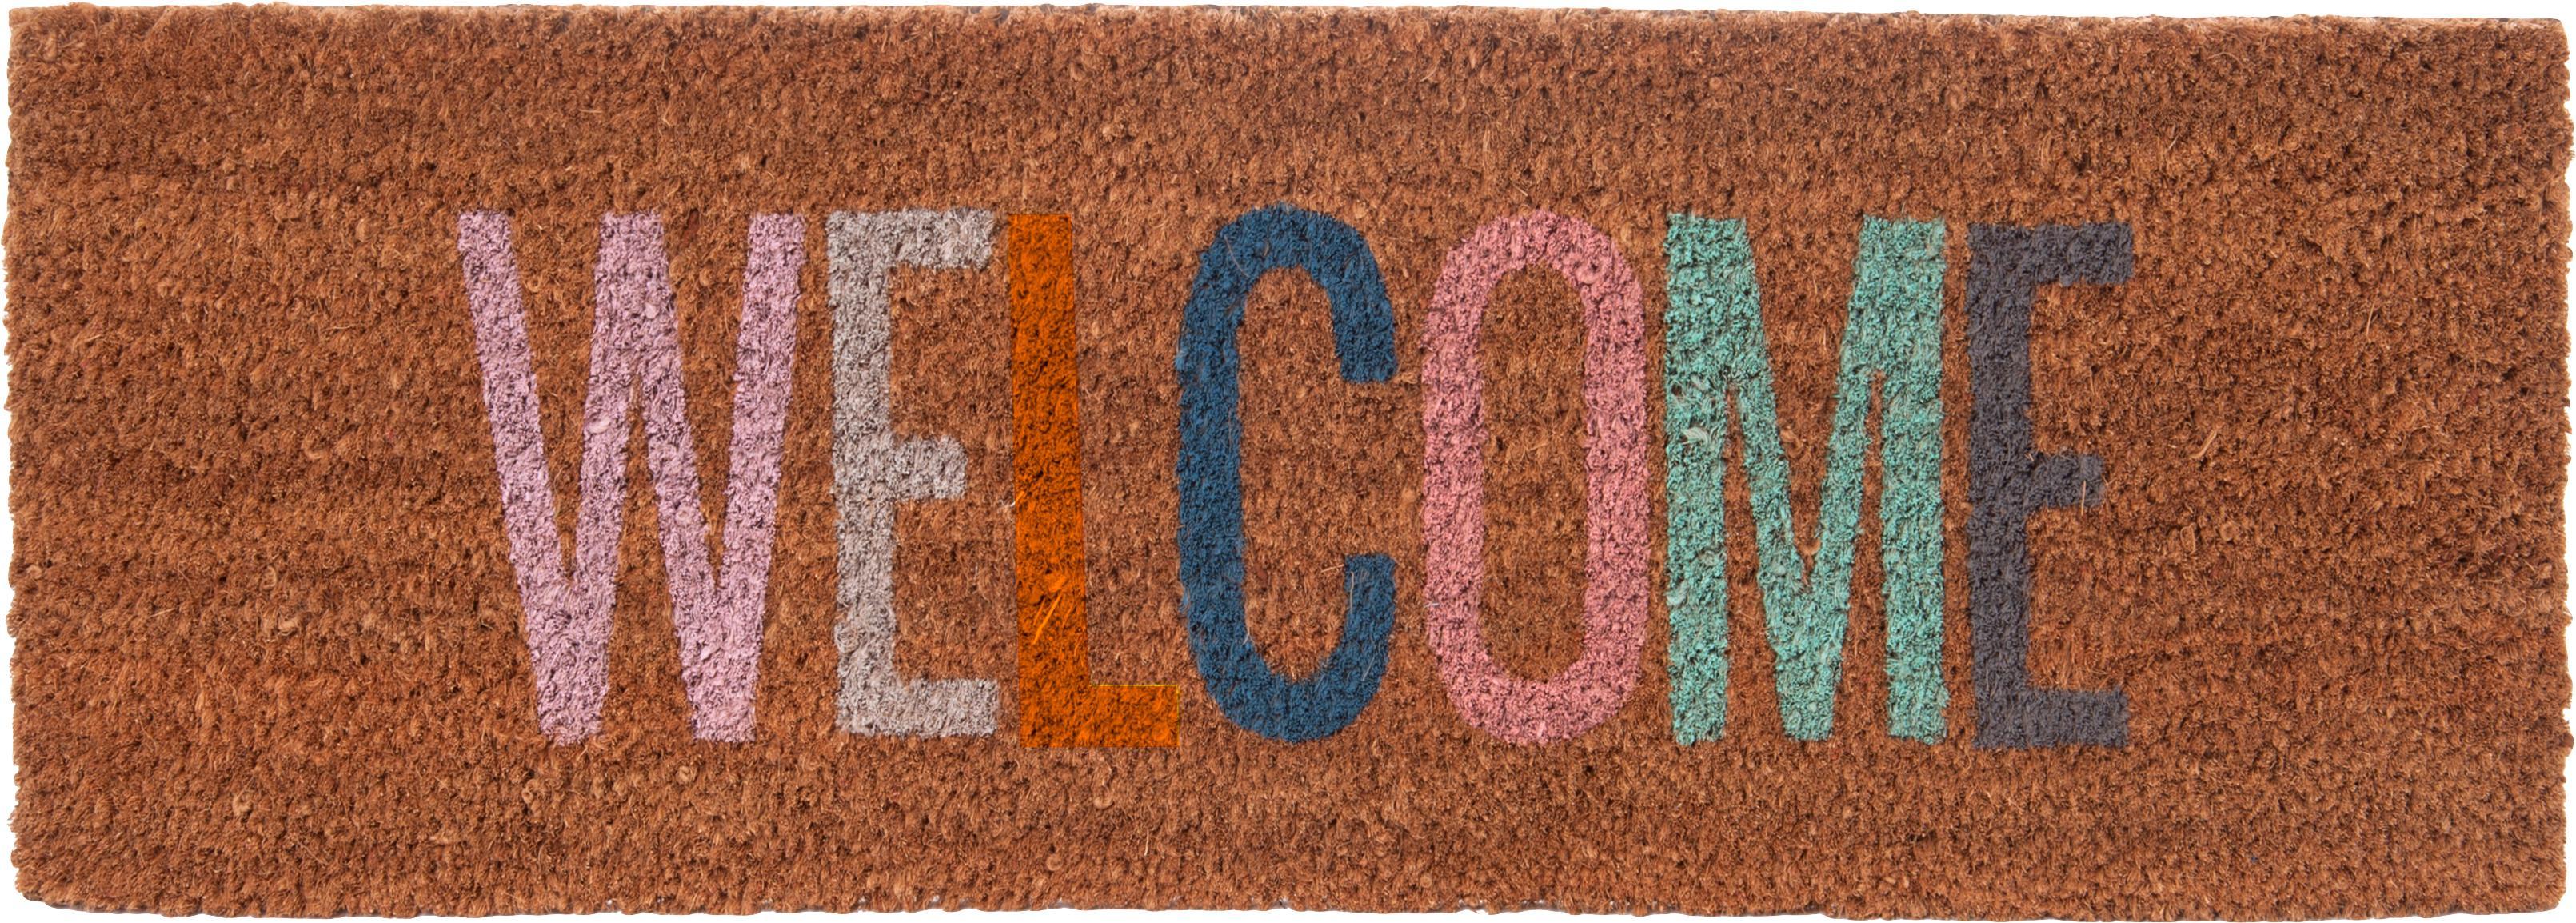 Felpudo Welcome, Fibras de coco, Marrón, An 26 x L 77 cm